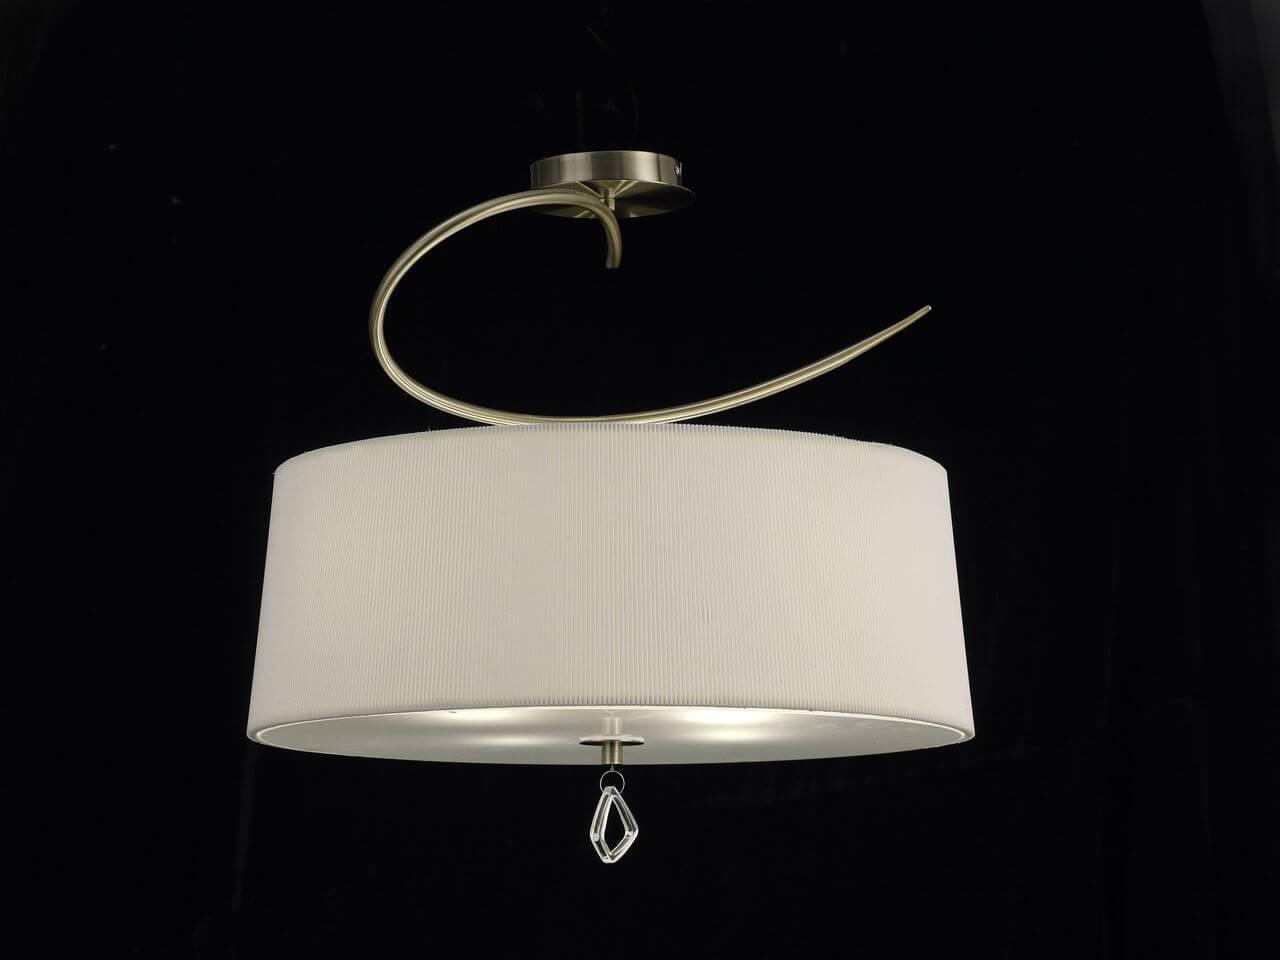 Потолочный светильник Mantra 1625, E14, 20 Вт цена